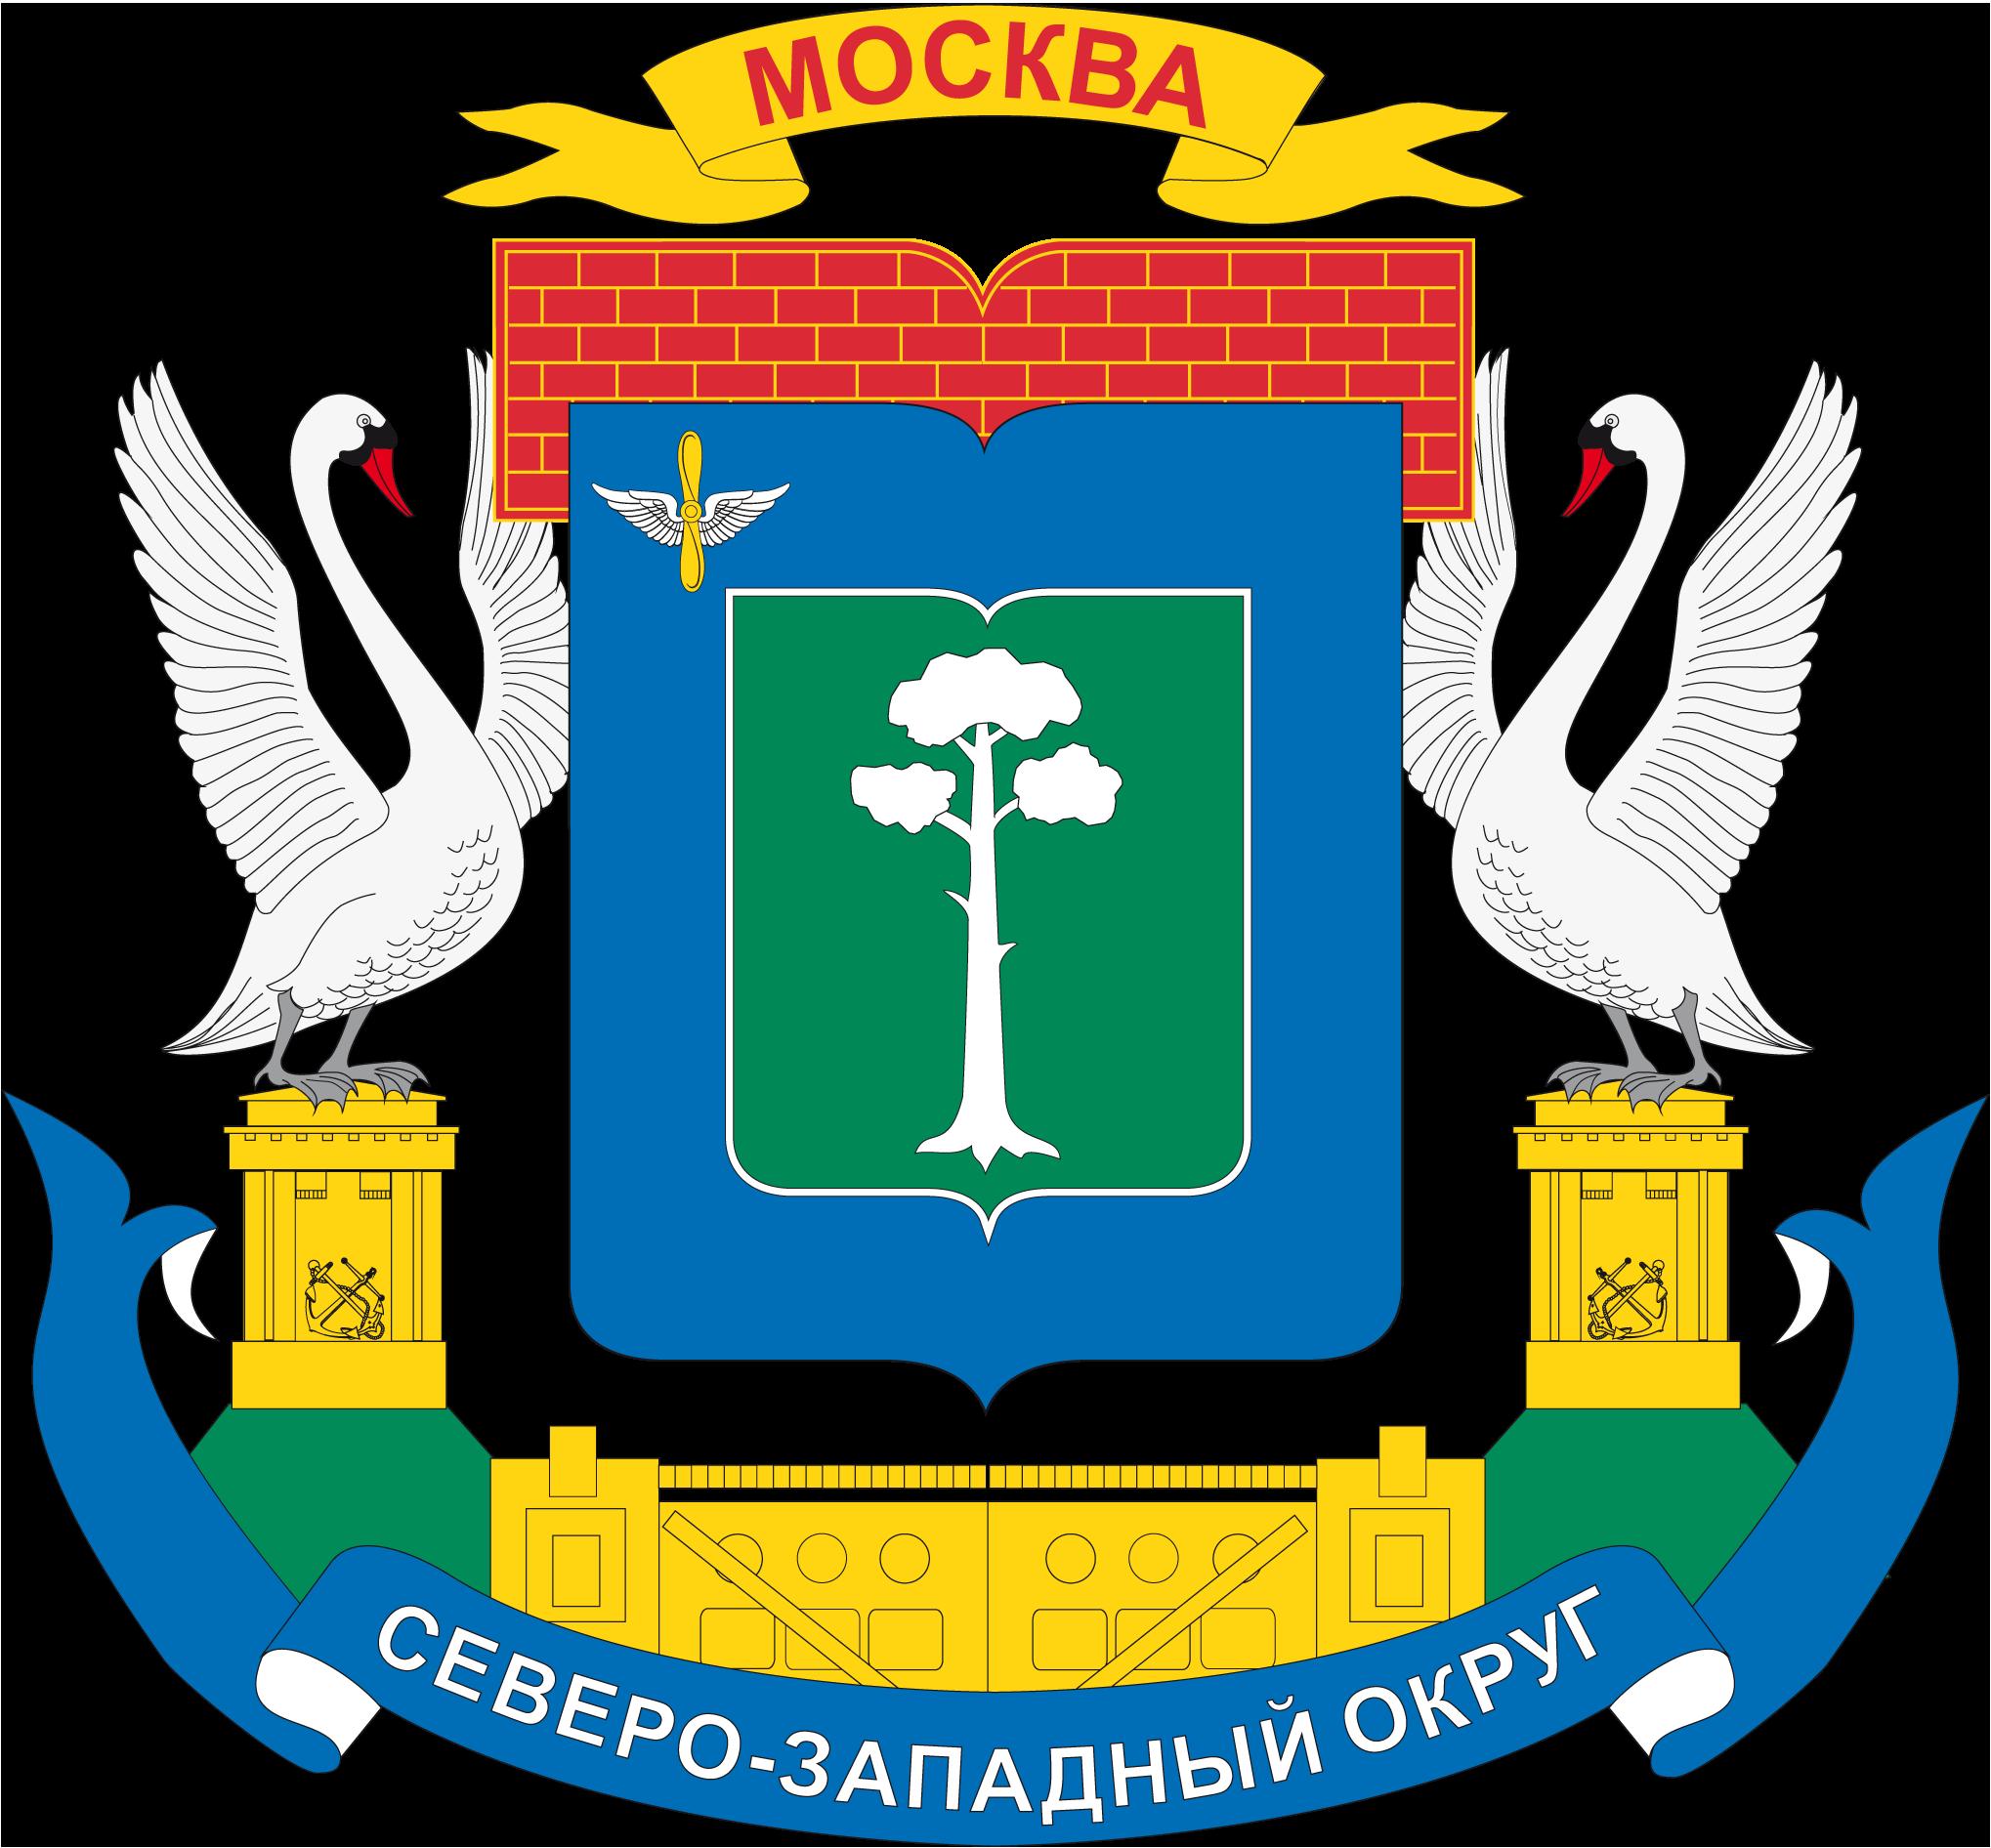 герб Северо-Западного административного округа (СЗАО) Москвы